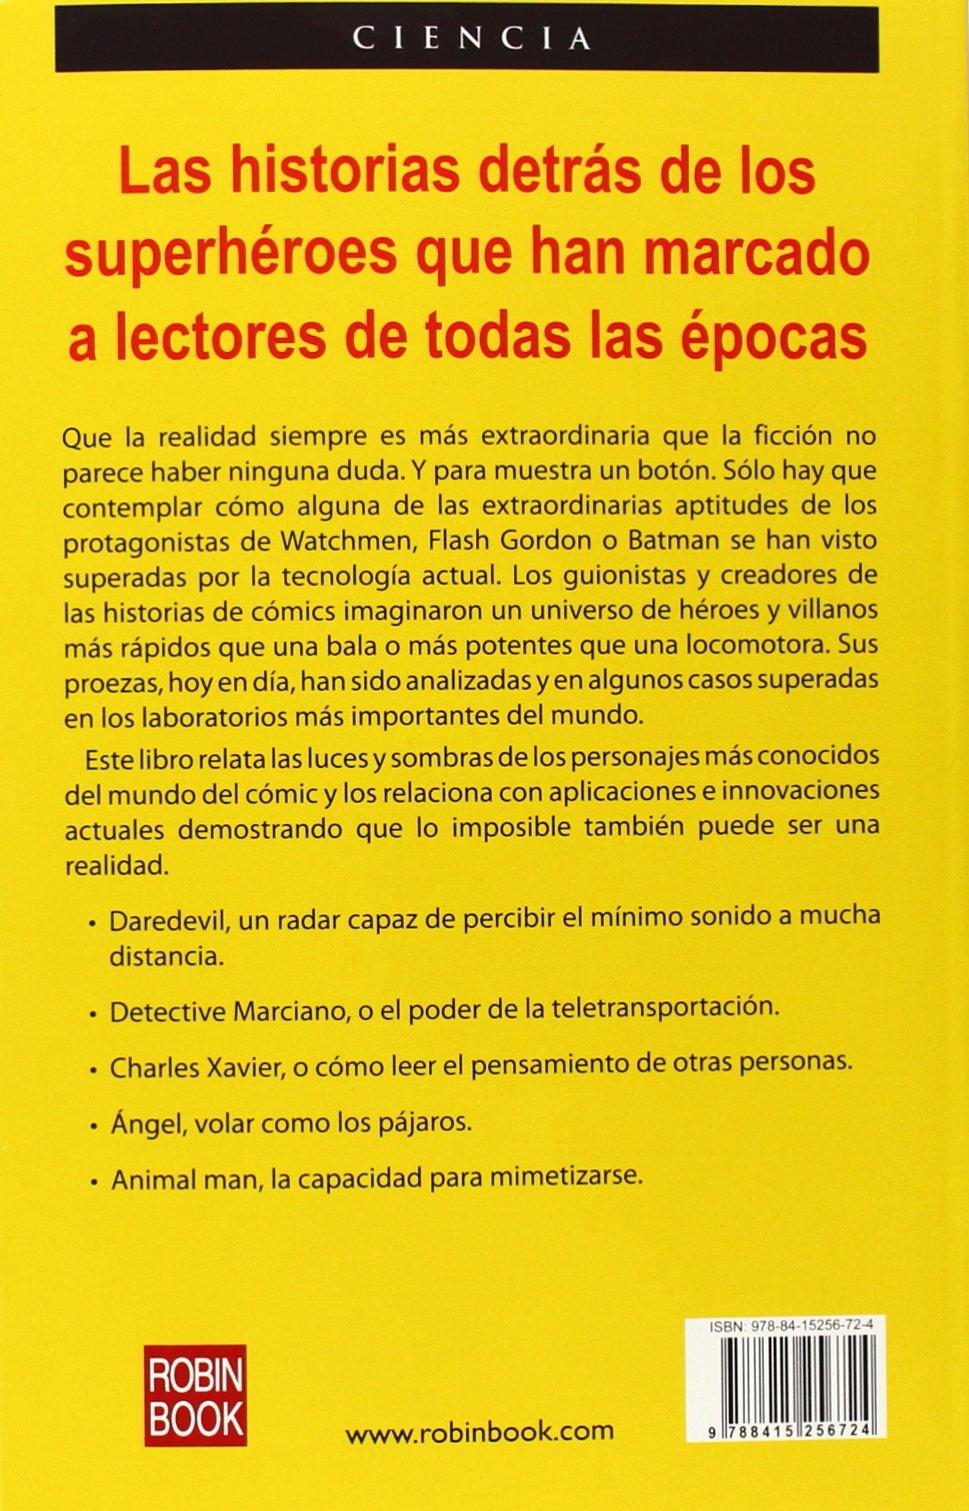 1001 curiosidades de los superhéroes (Cómic) (Spanish Edition) by Redbook Ediciones